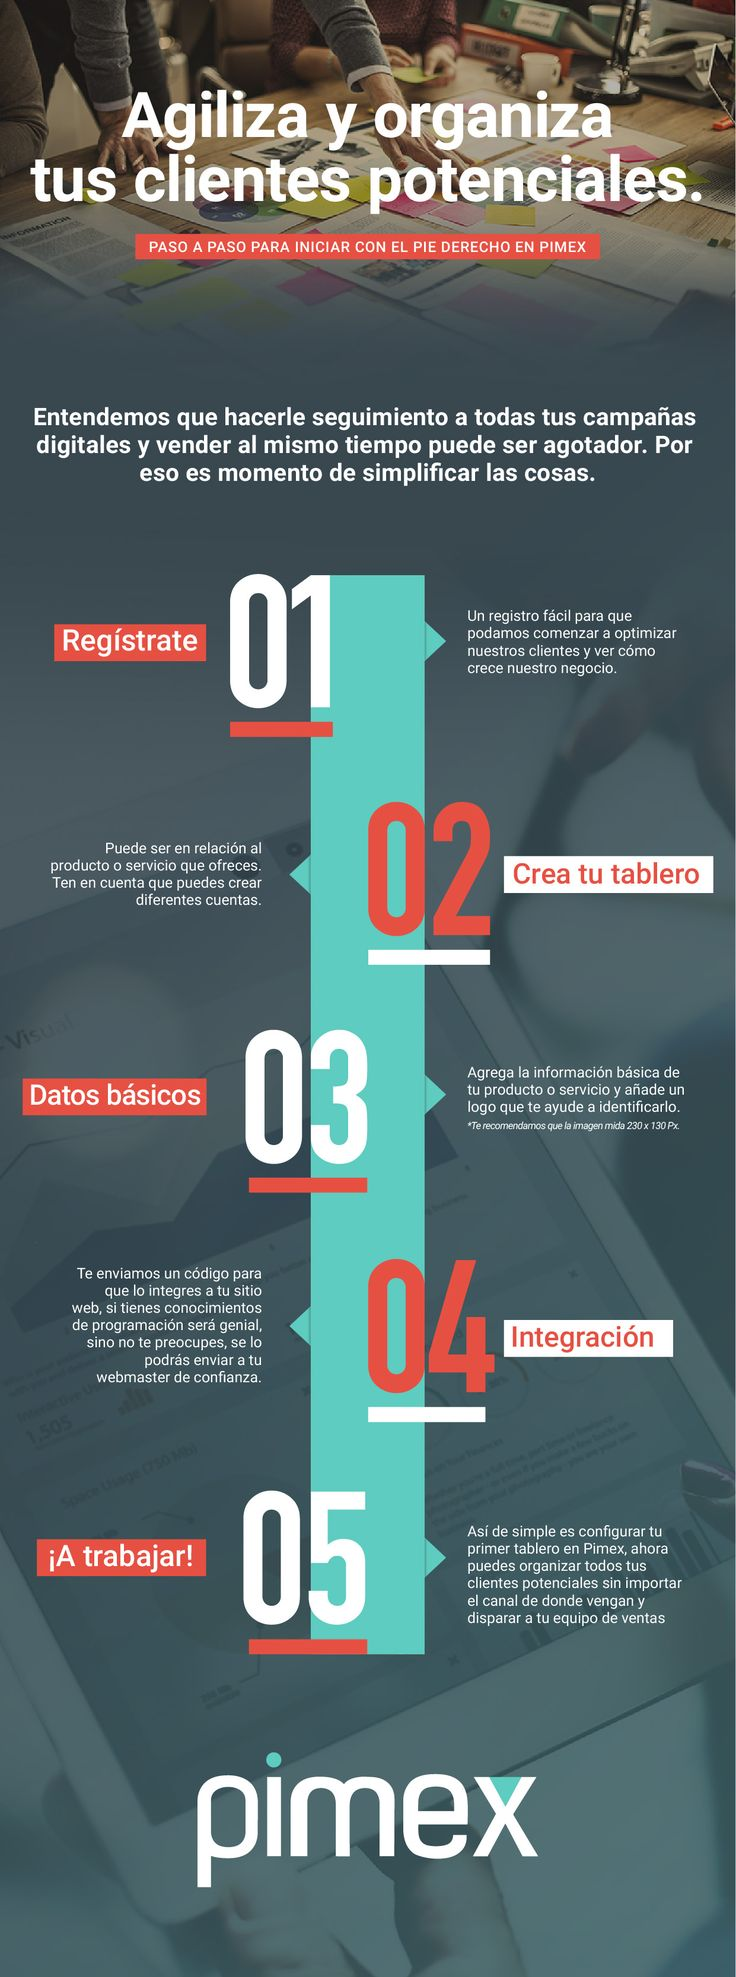 Empezar a utilizar Pimex es muy fácil, en tan solo cinco pasos estarás un paso adelante de tu competencia.